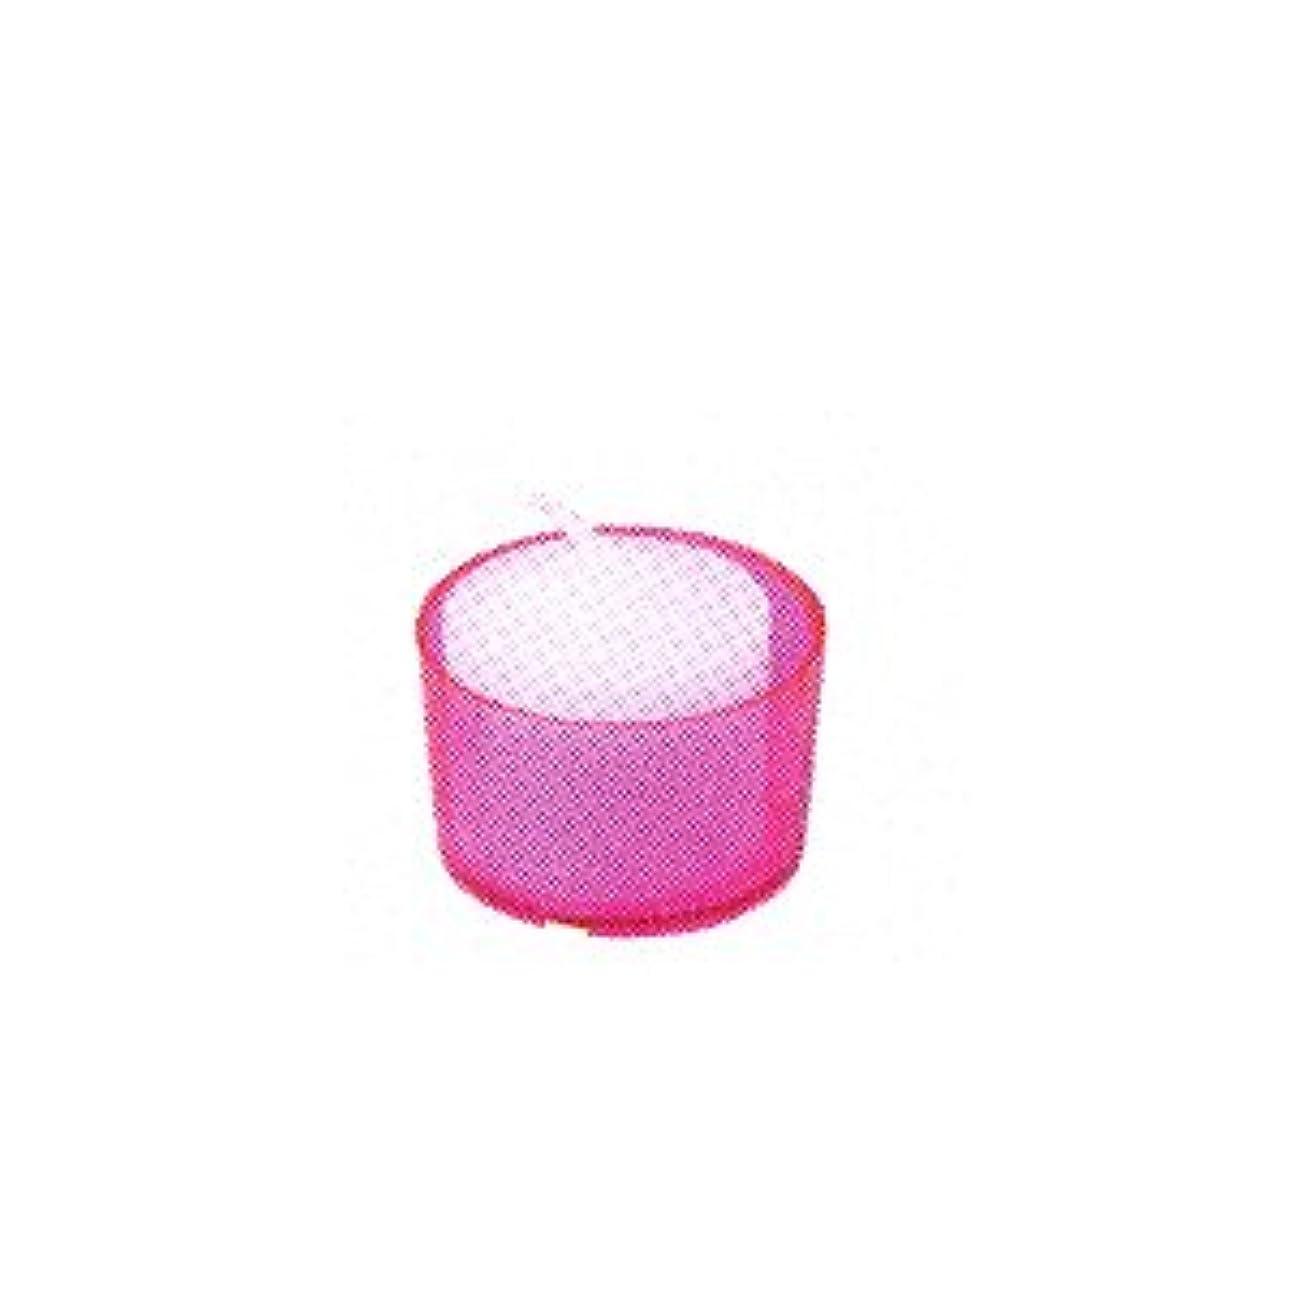 独特の残り確保するカメヤマキャンドル カラークリアカップ ボーティブ6 ピンク 24個入